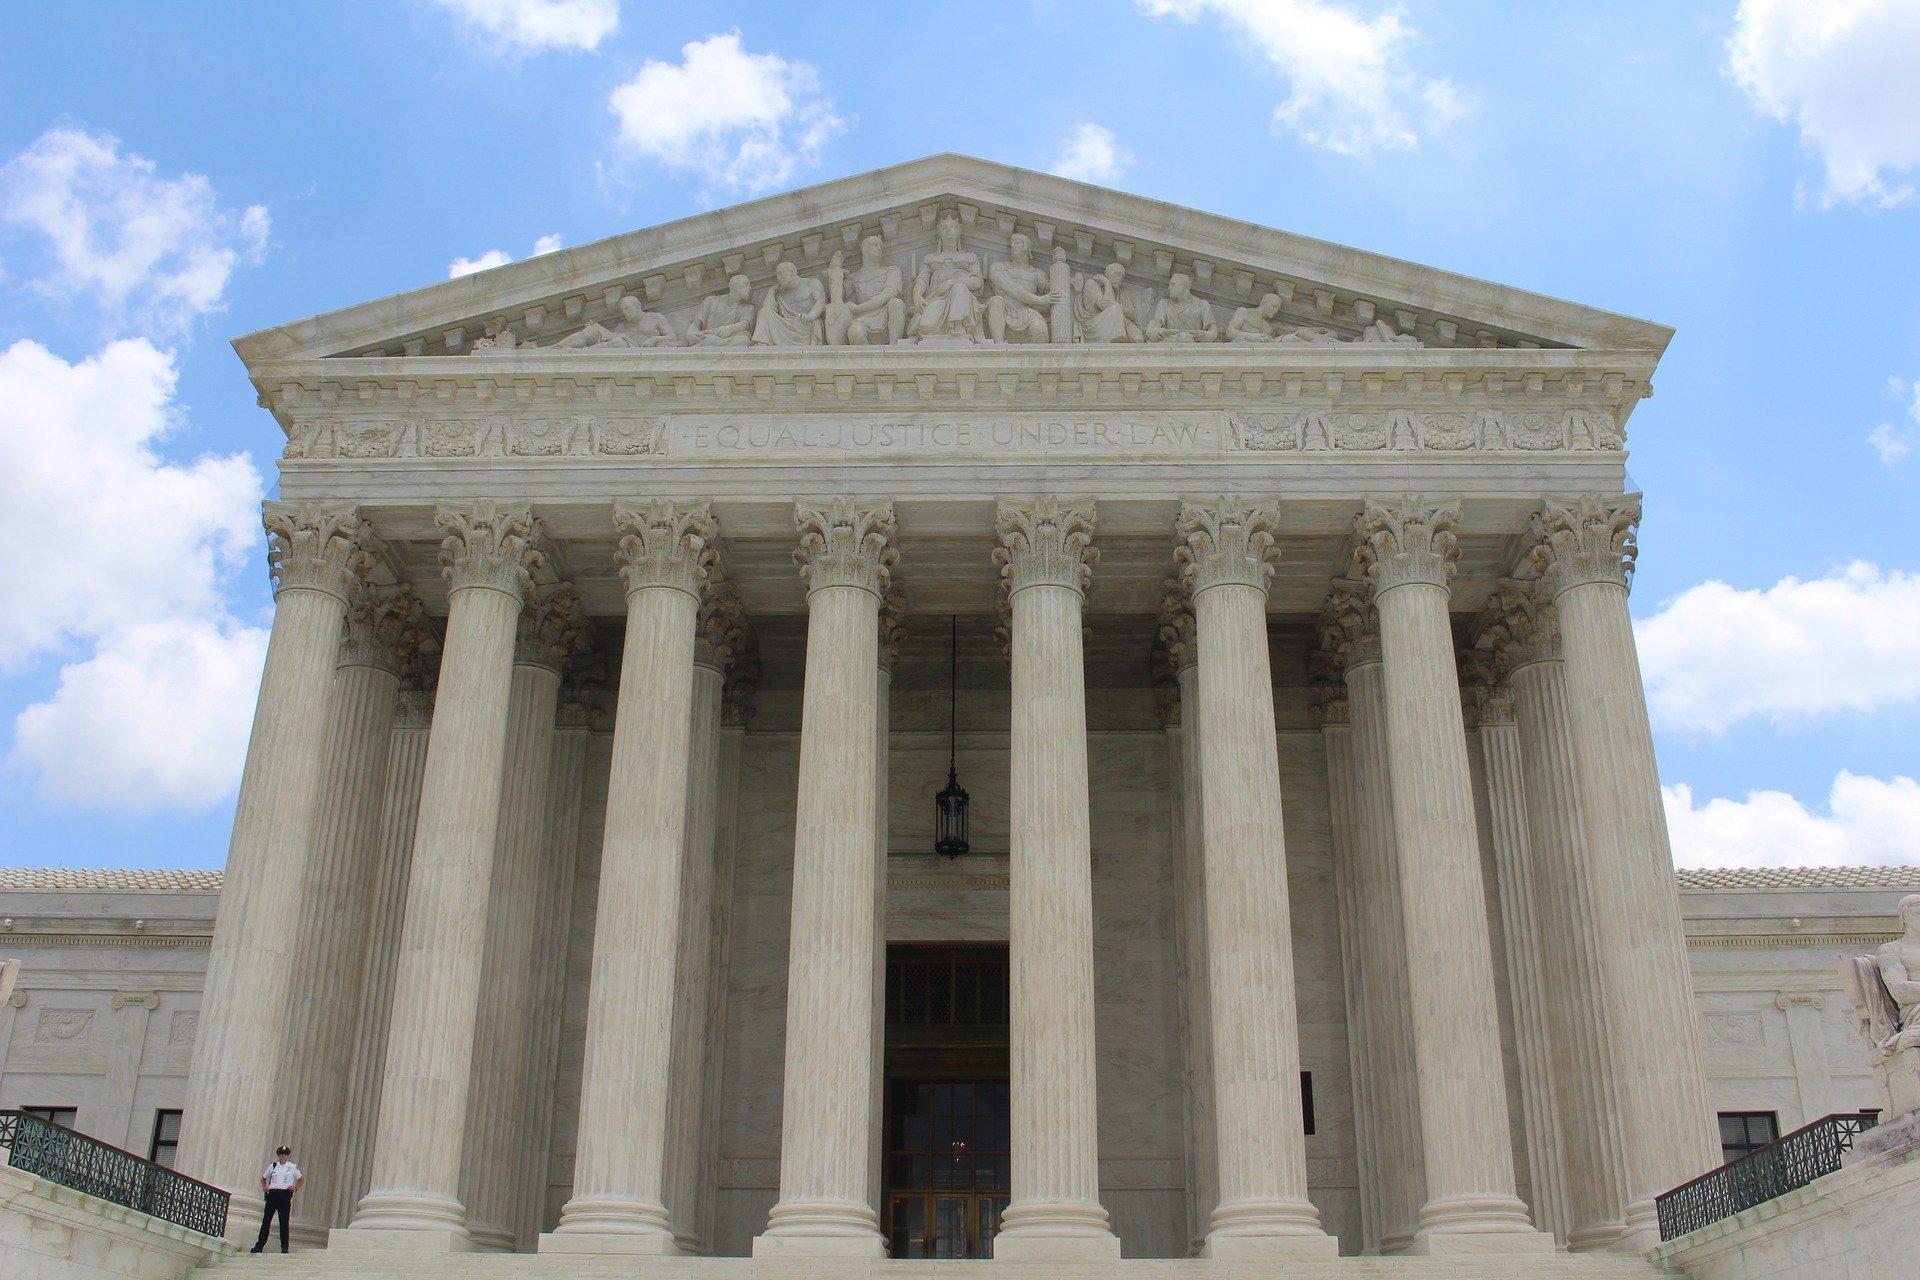 Abogado de Divorcio Tienes Derecho a un Negocio Familiar